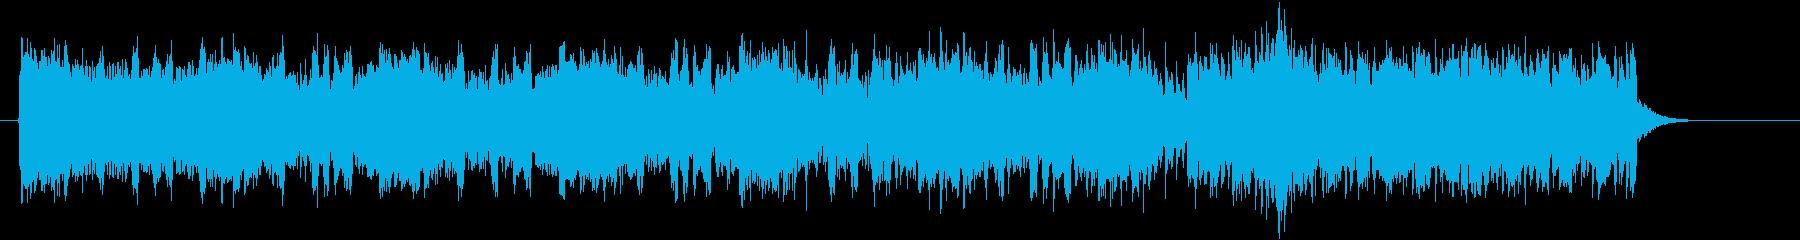 クールで盛り上がるEDMのジングルの再生済みの波形